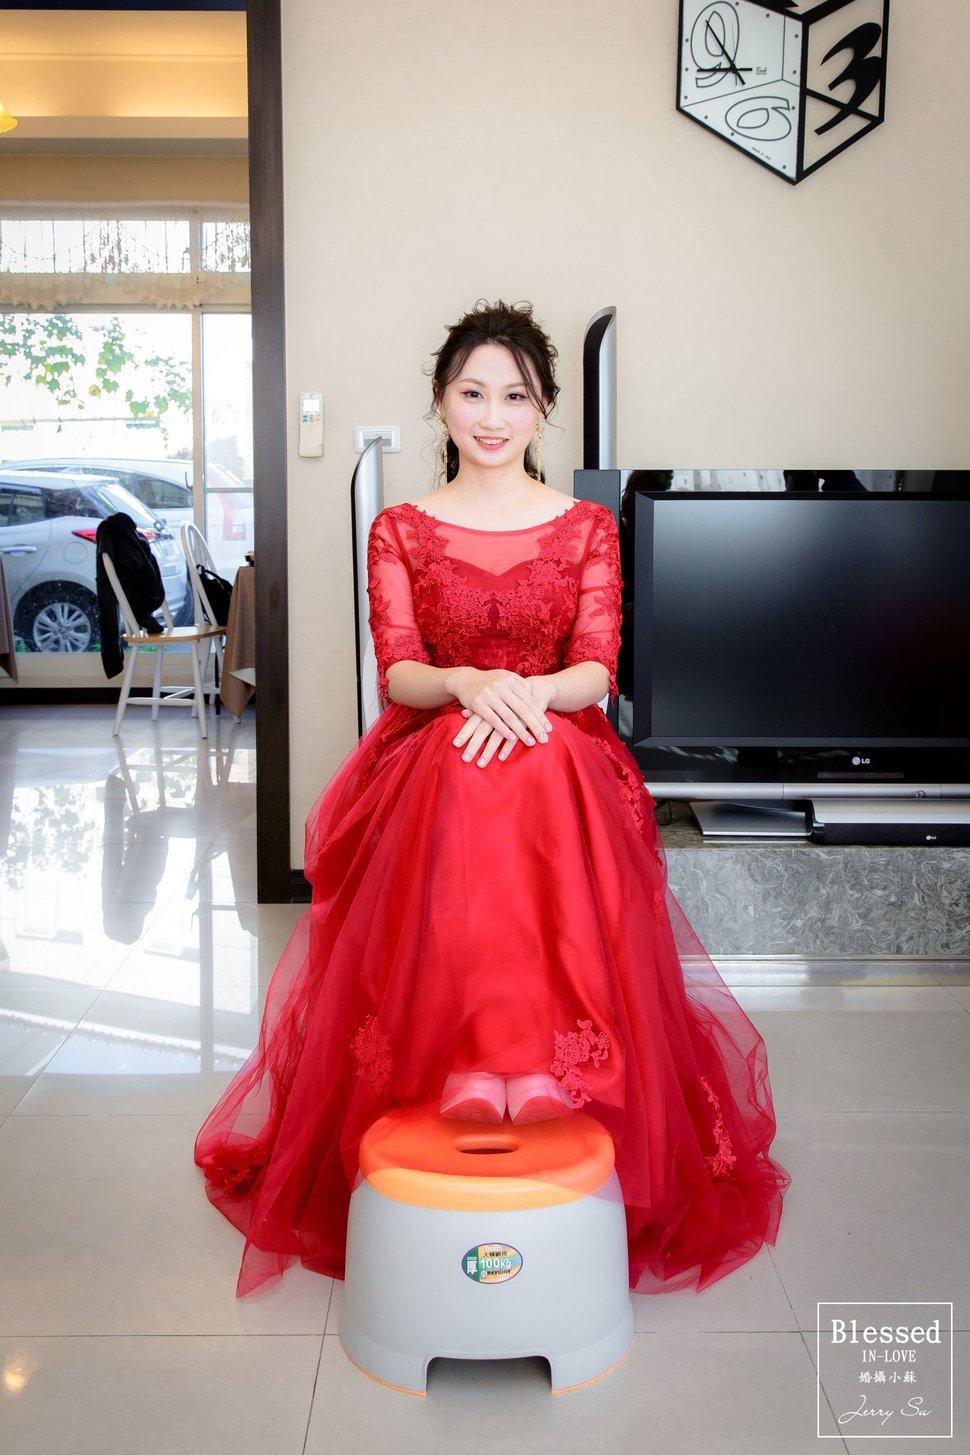 00187 - 婚攝小蘇(限時折扣開跑)愛蒂莃亞影像團隊《結婚吧》